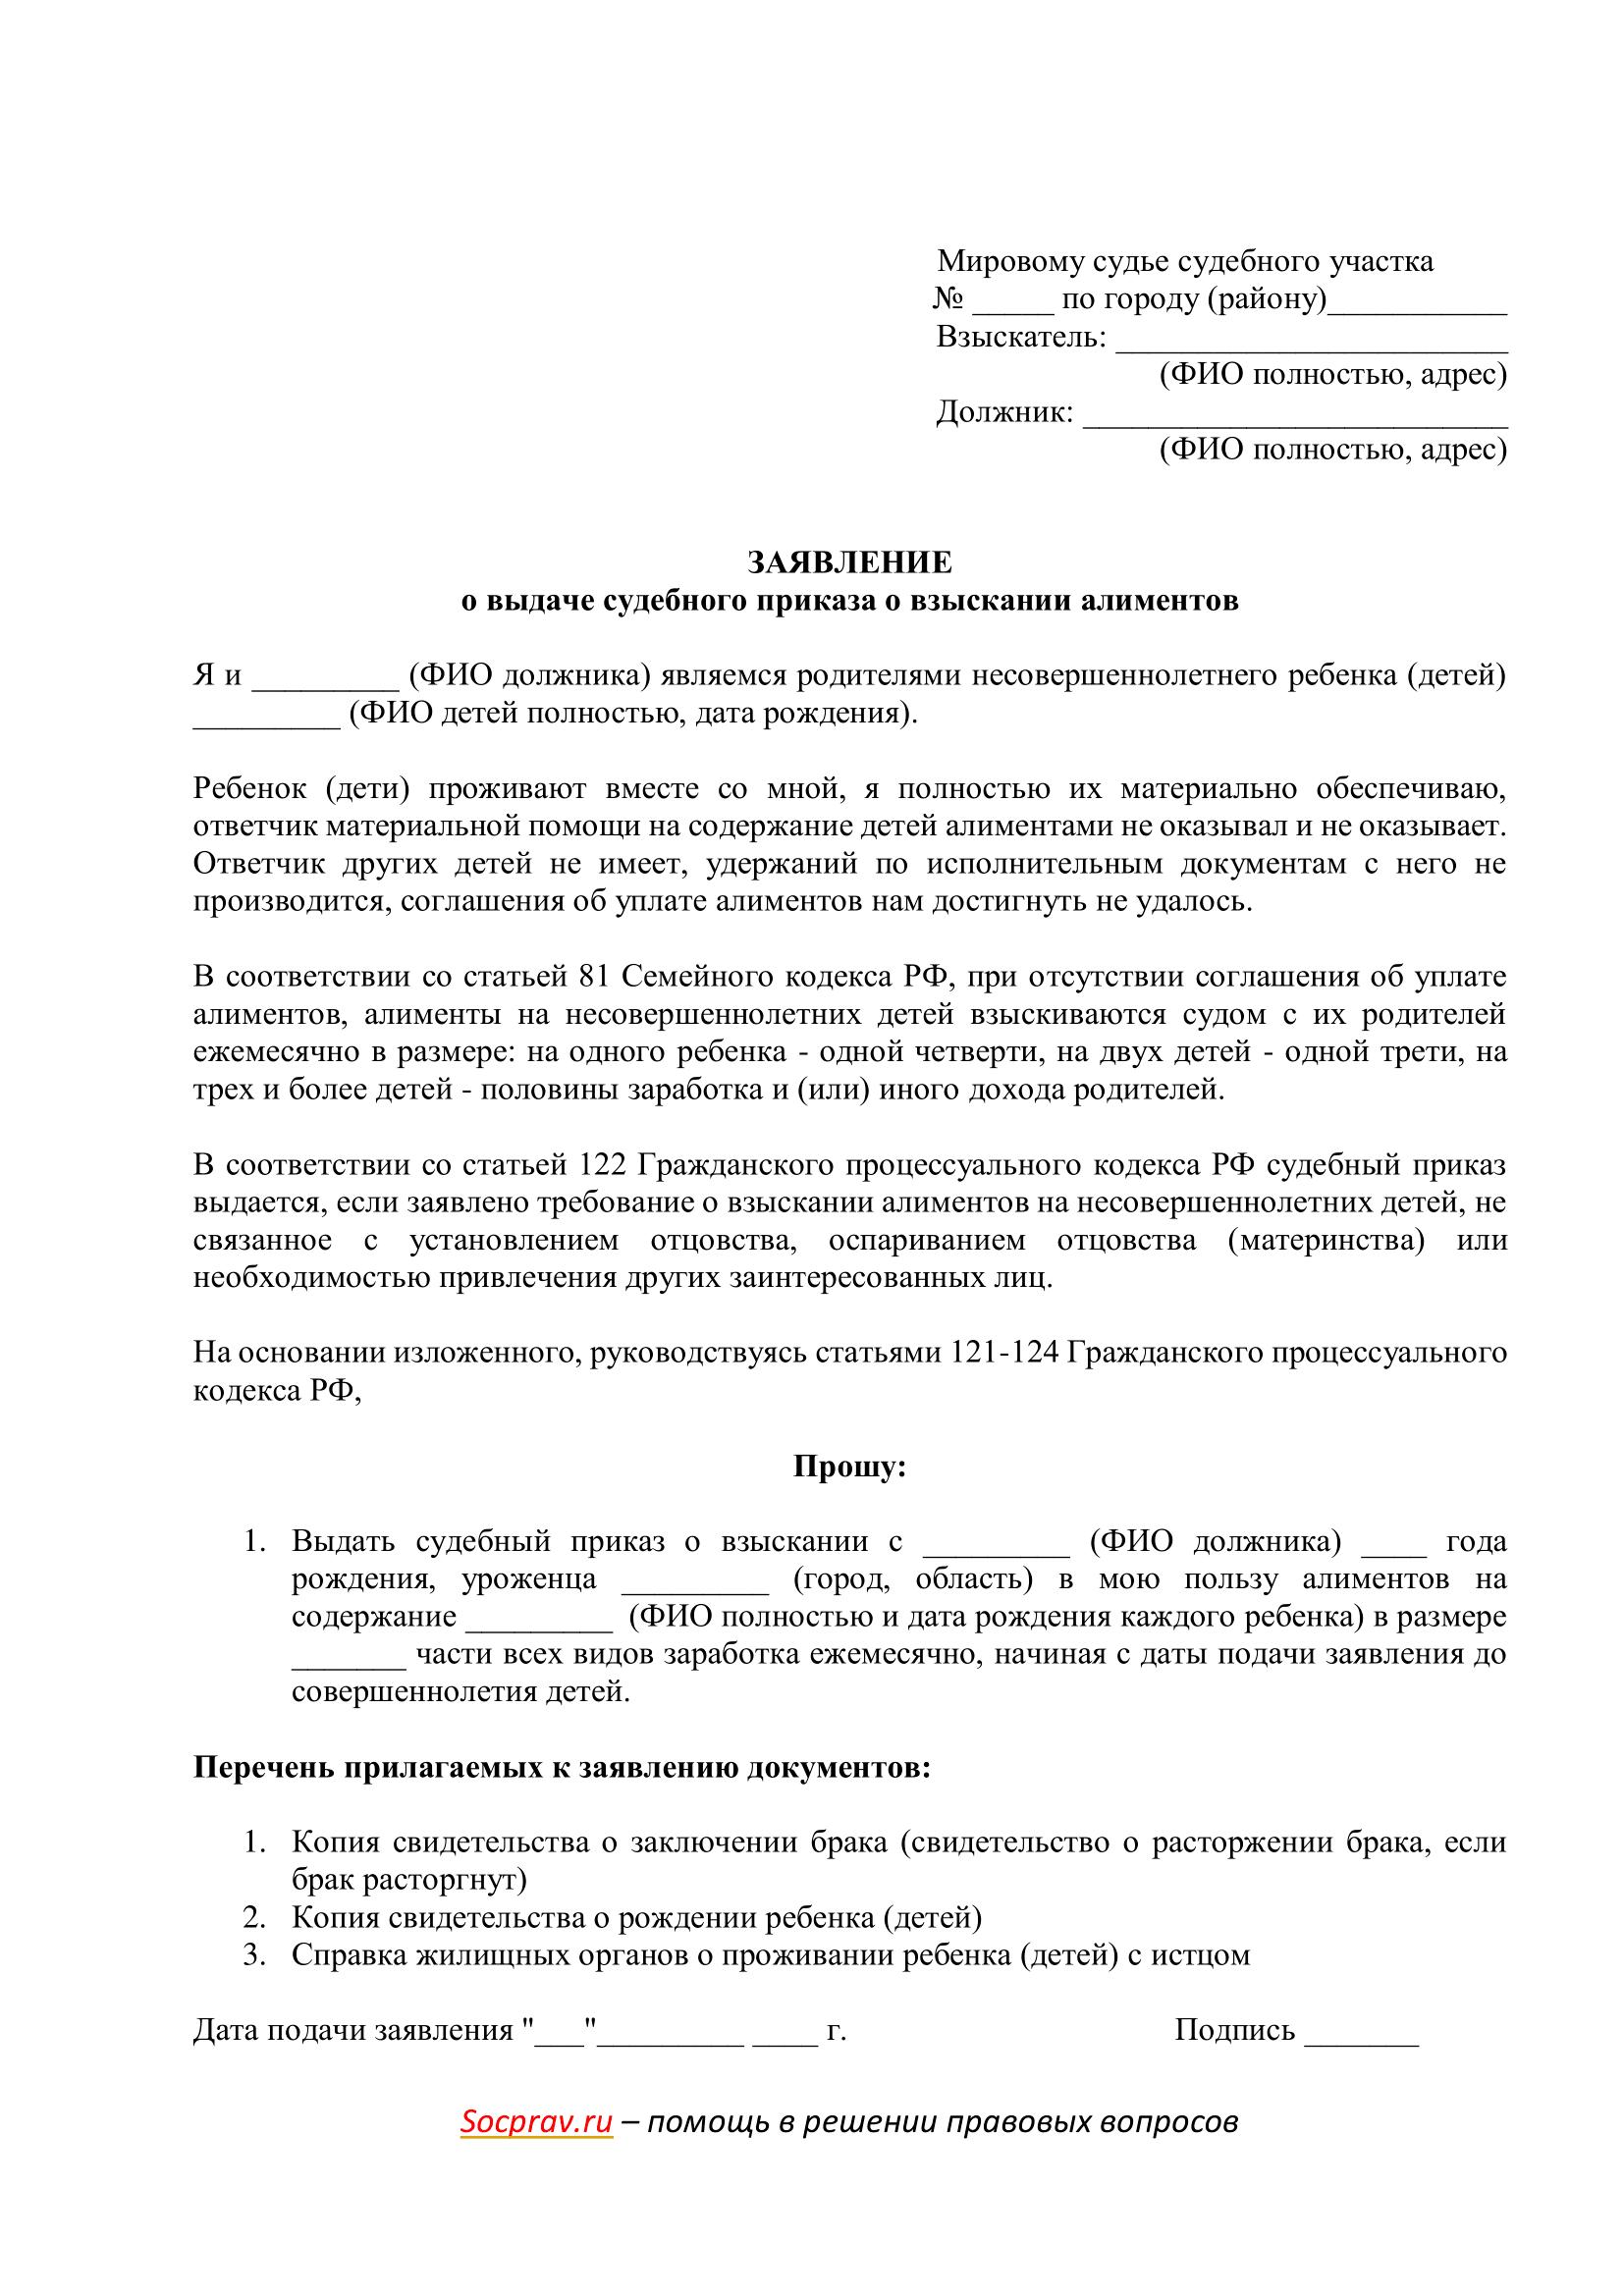 Заявление о выдаче судебного приказа по алиментам (образец)